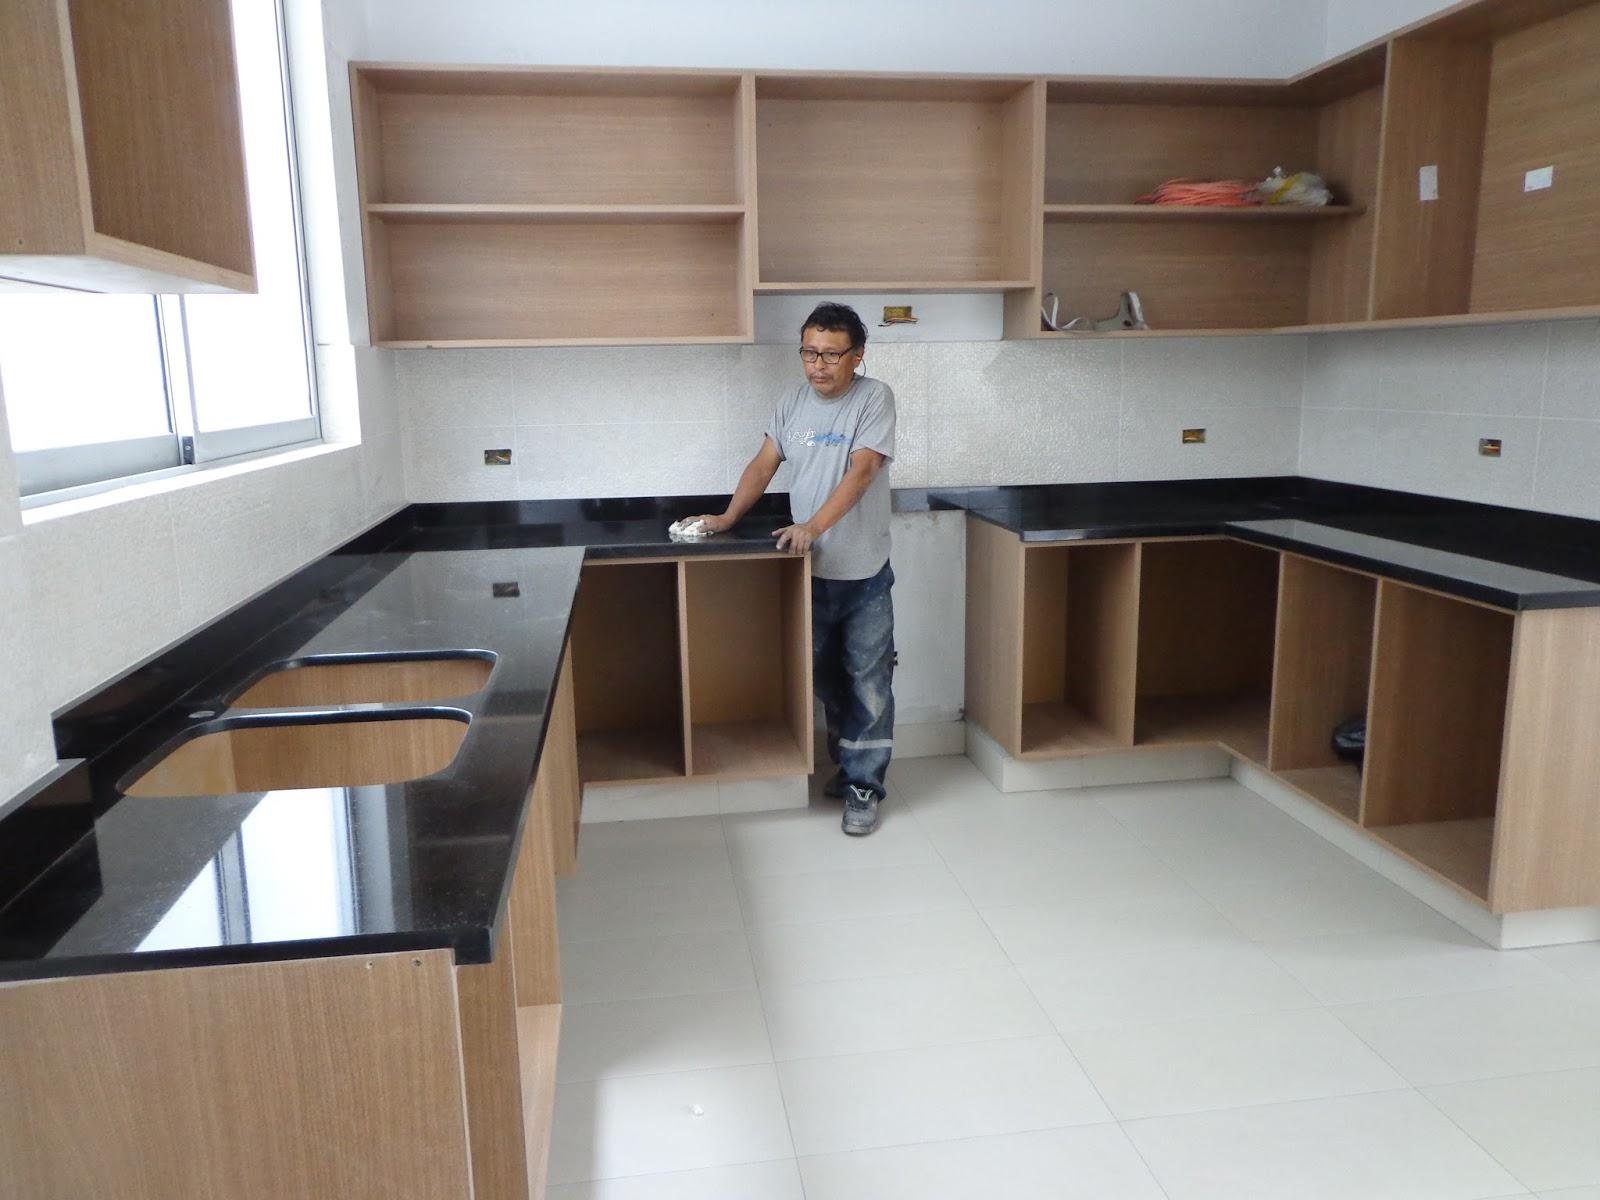 Encimeras Cocina Granito Marmol Cuarzo Dekton en Lima: Encimeras ...